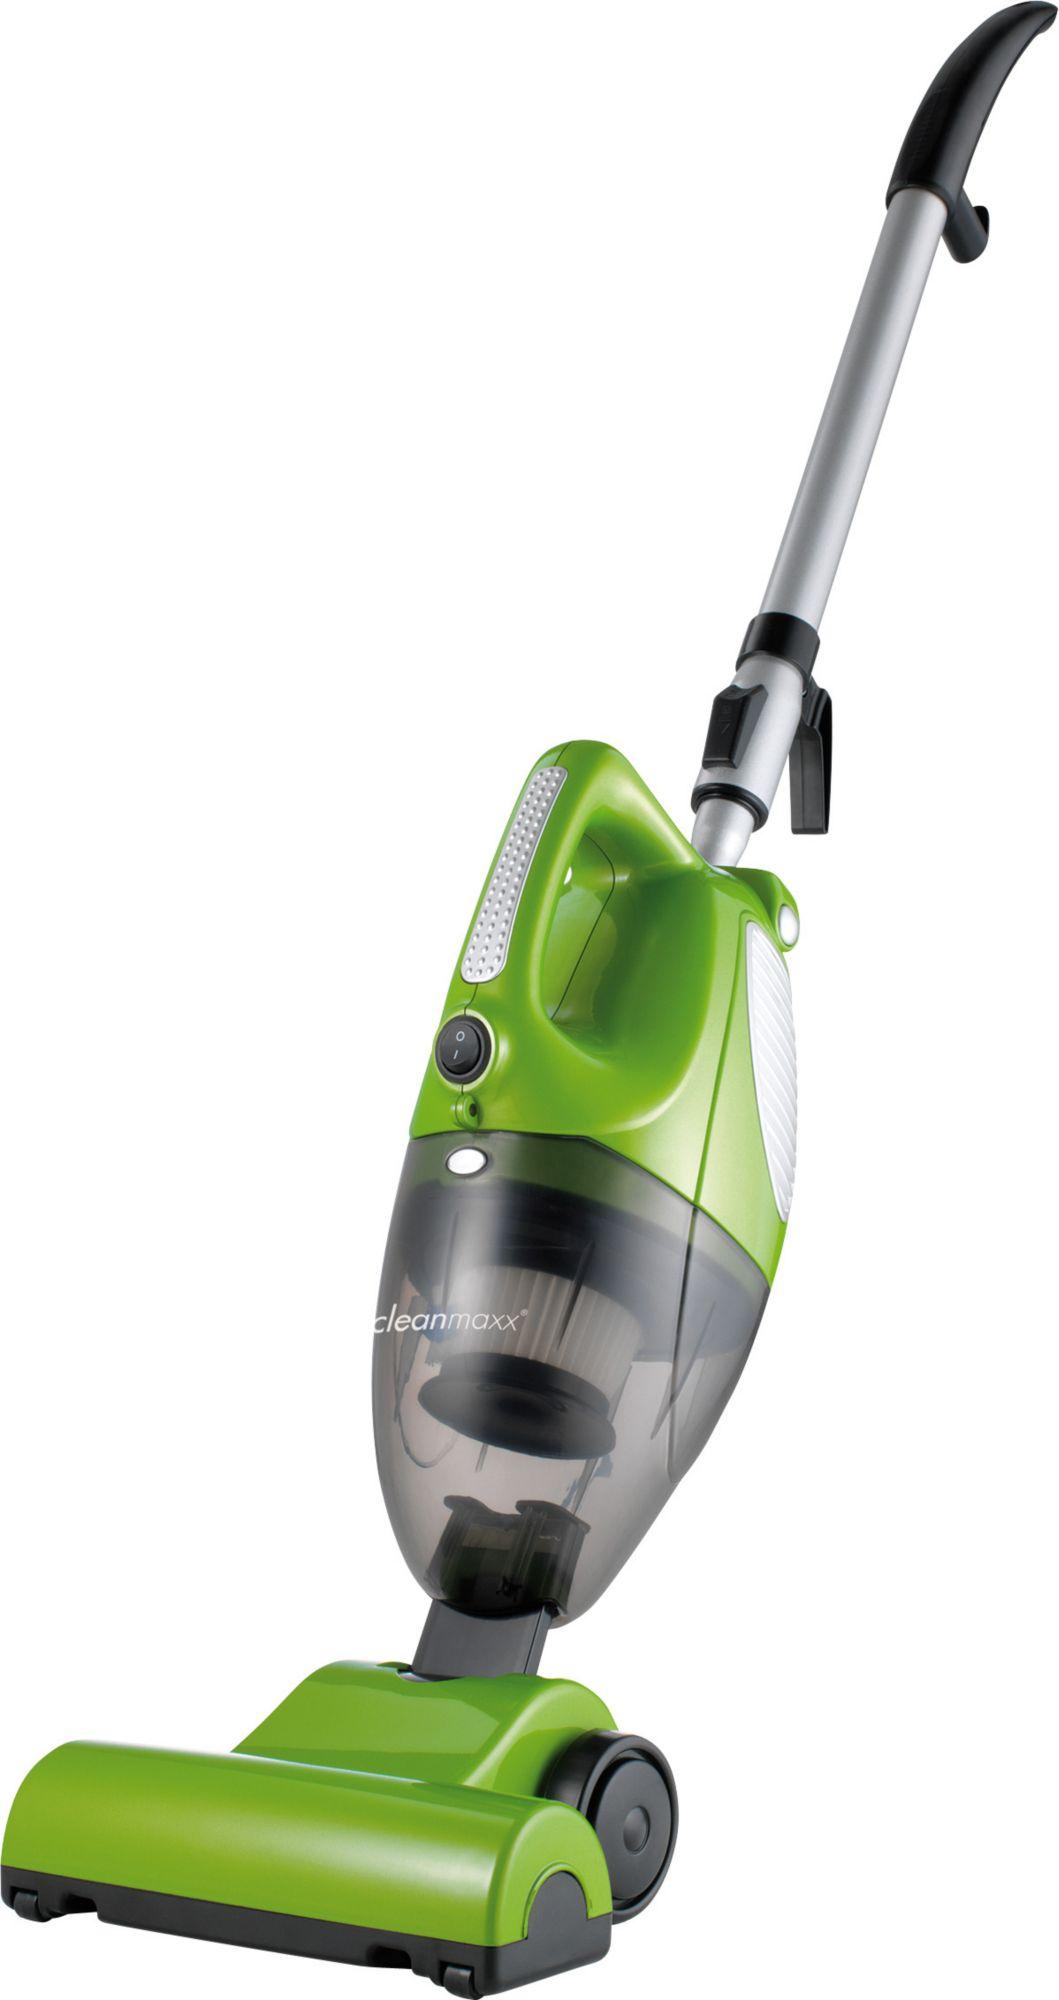 CLEAN MAXX Clean Maxx Turbo-Handstaubsauger 3in1, mit Bodendüse, Beutellos, B, grün